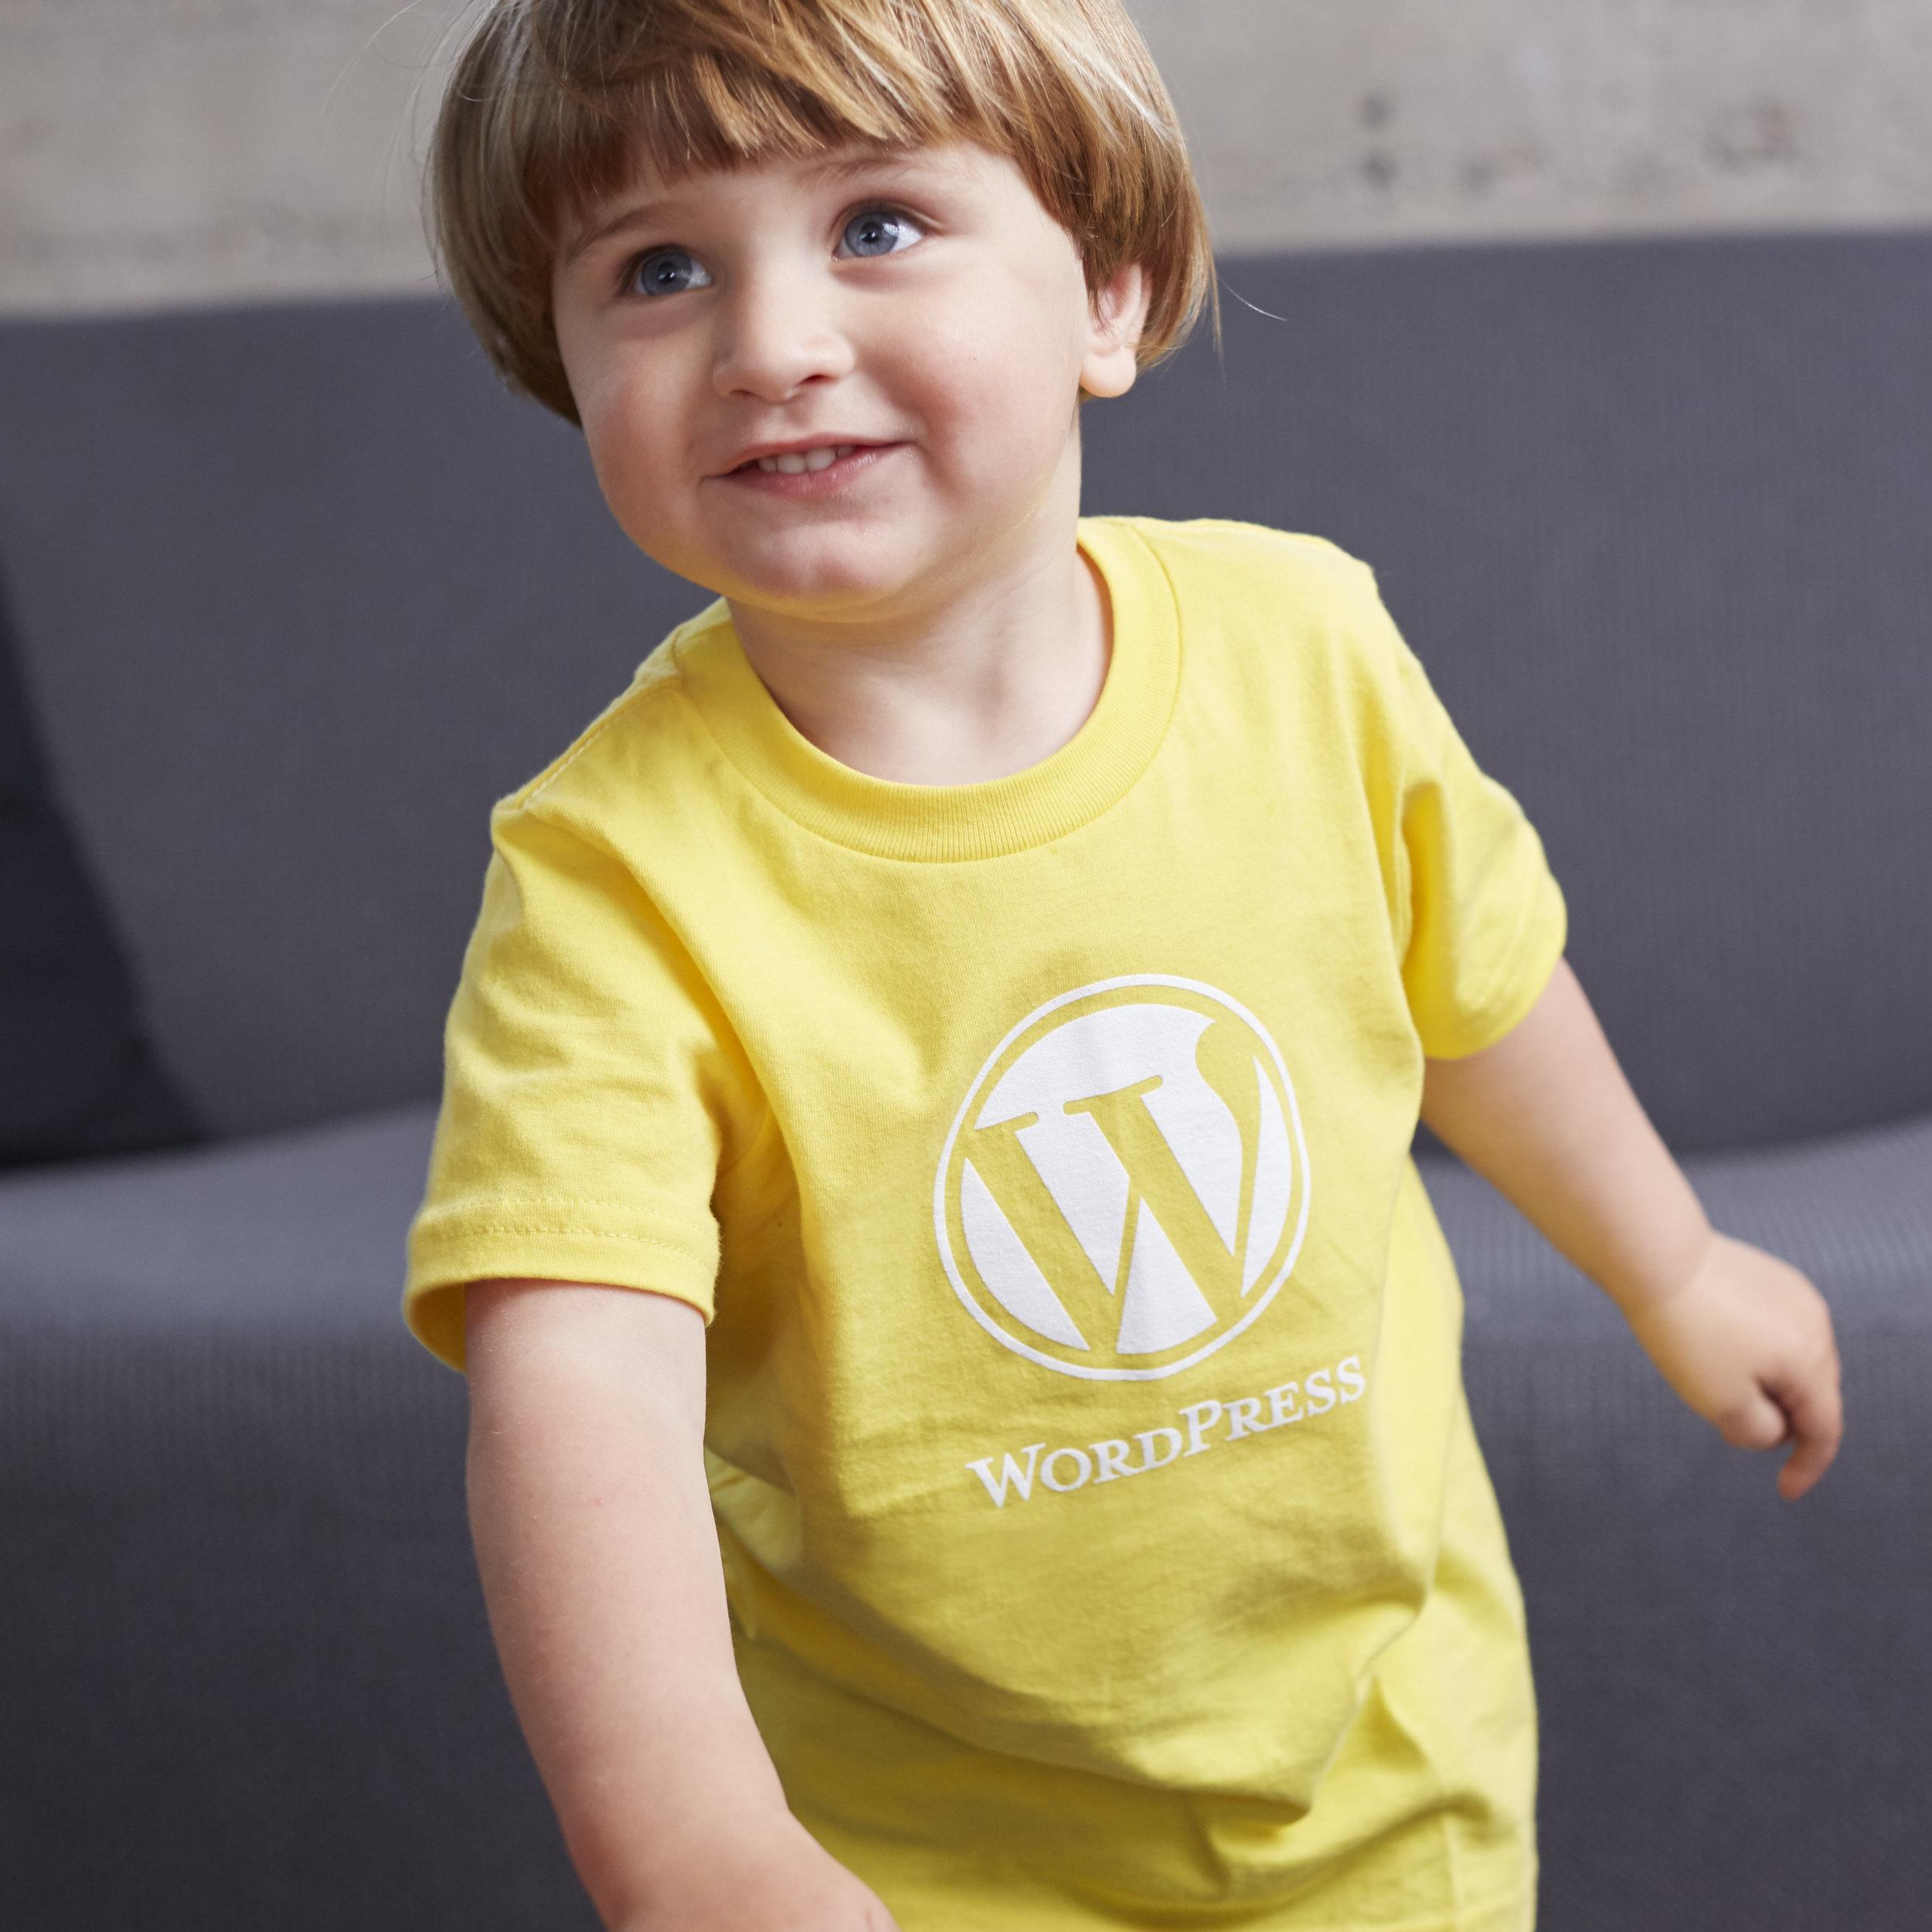 Wordpress - 2016.04.27 - Store Shoot - 13432.jpg